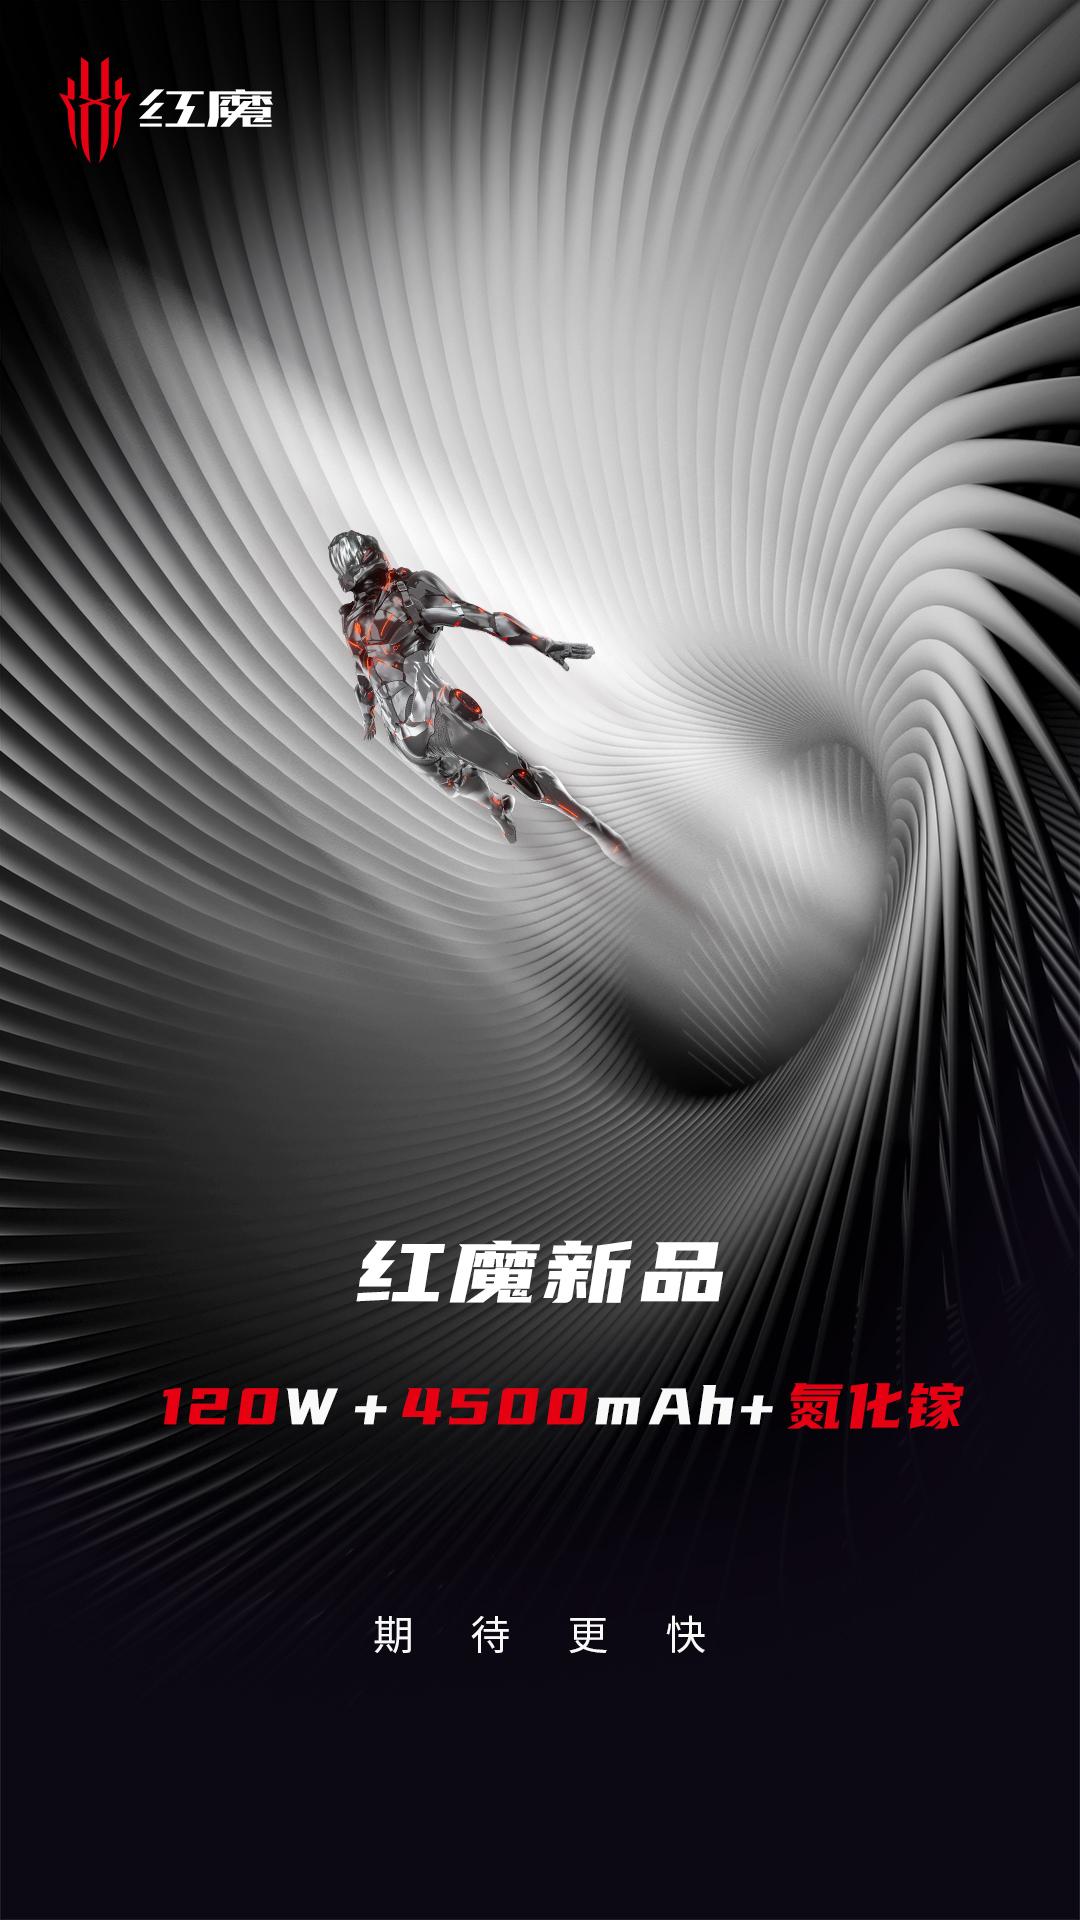 红魔6预热 4500mAh+120W+氮化镓